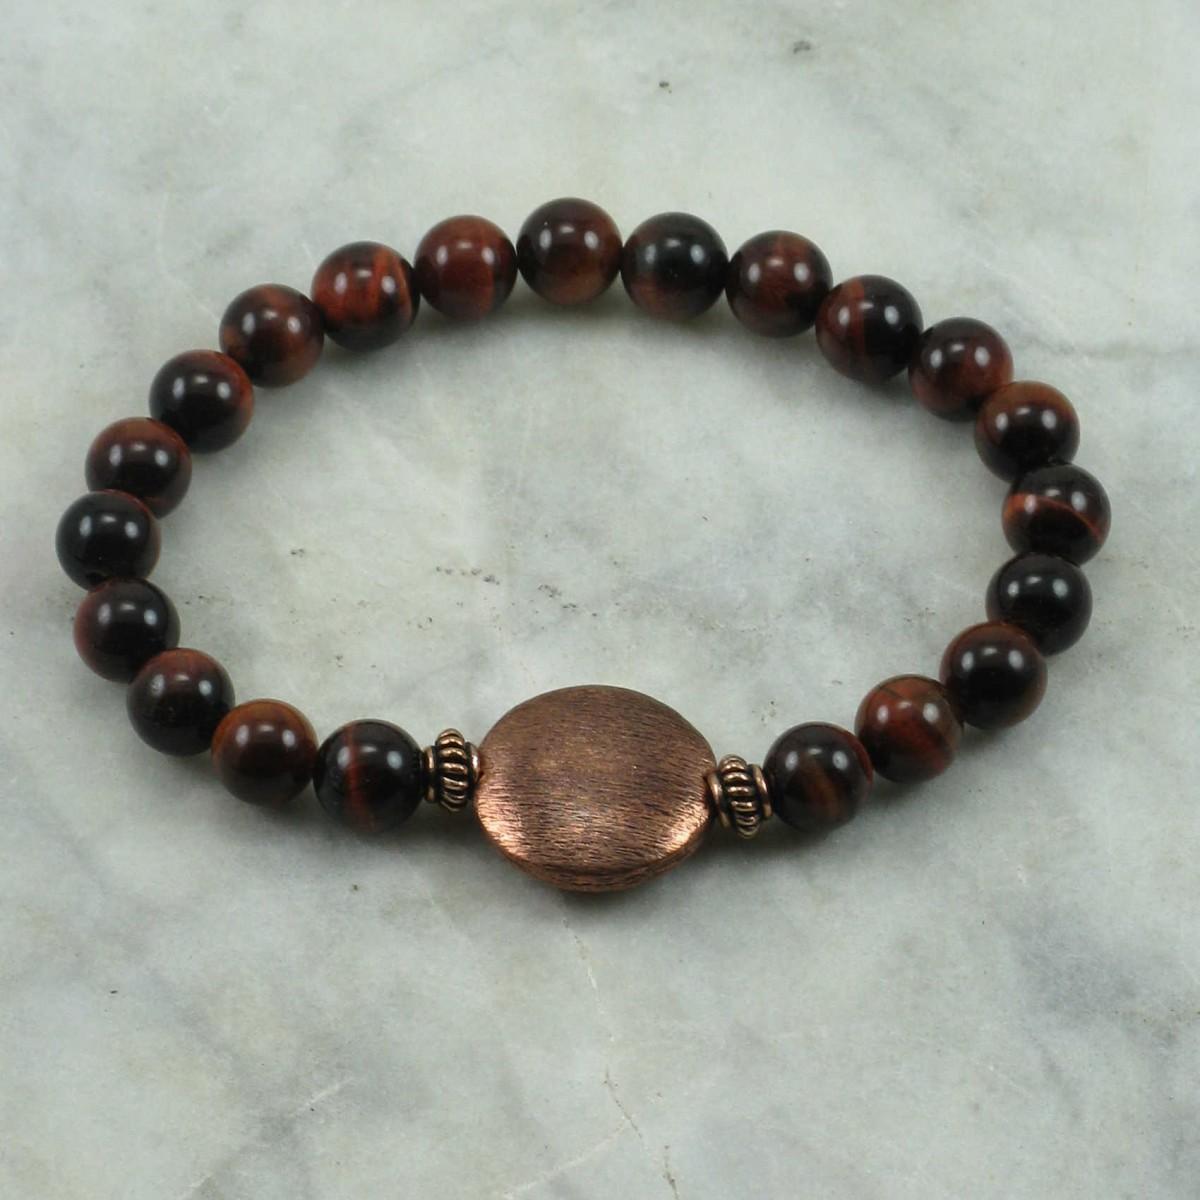 Fire_Mala_Bracelet_21_Tiger_Eye_Mala_Beads_Buddhist_Bracelet